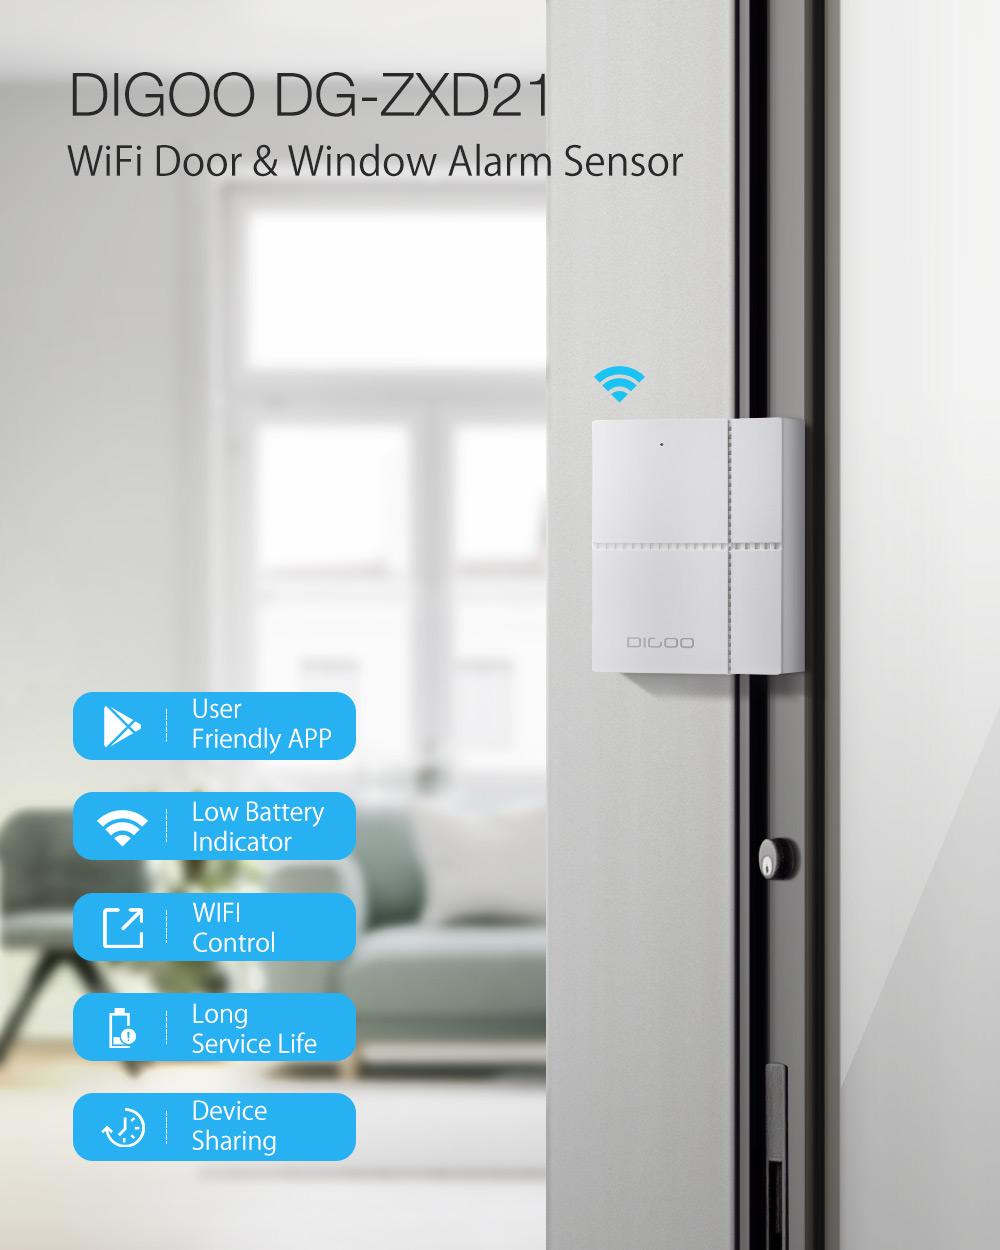 DIGOO DG-ZXD21 Independent WIFI Door & Window Sensor Detection Smart Home Security System Kits